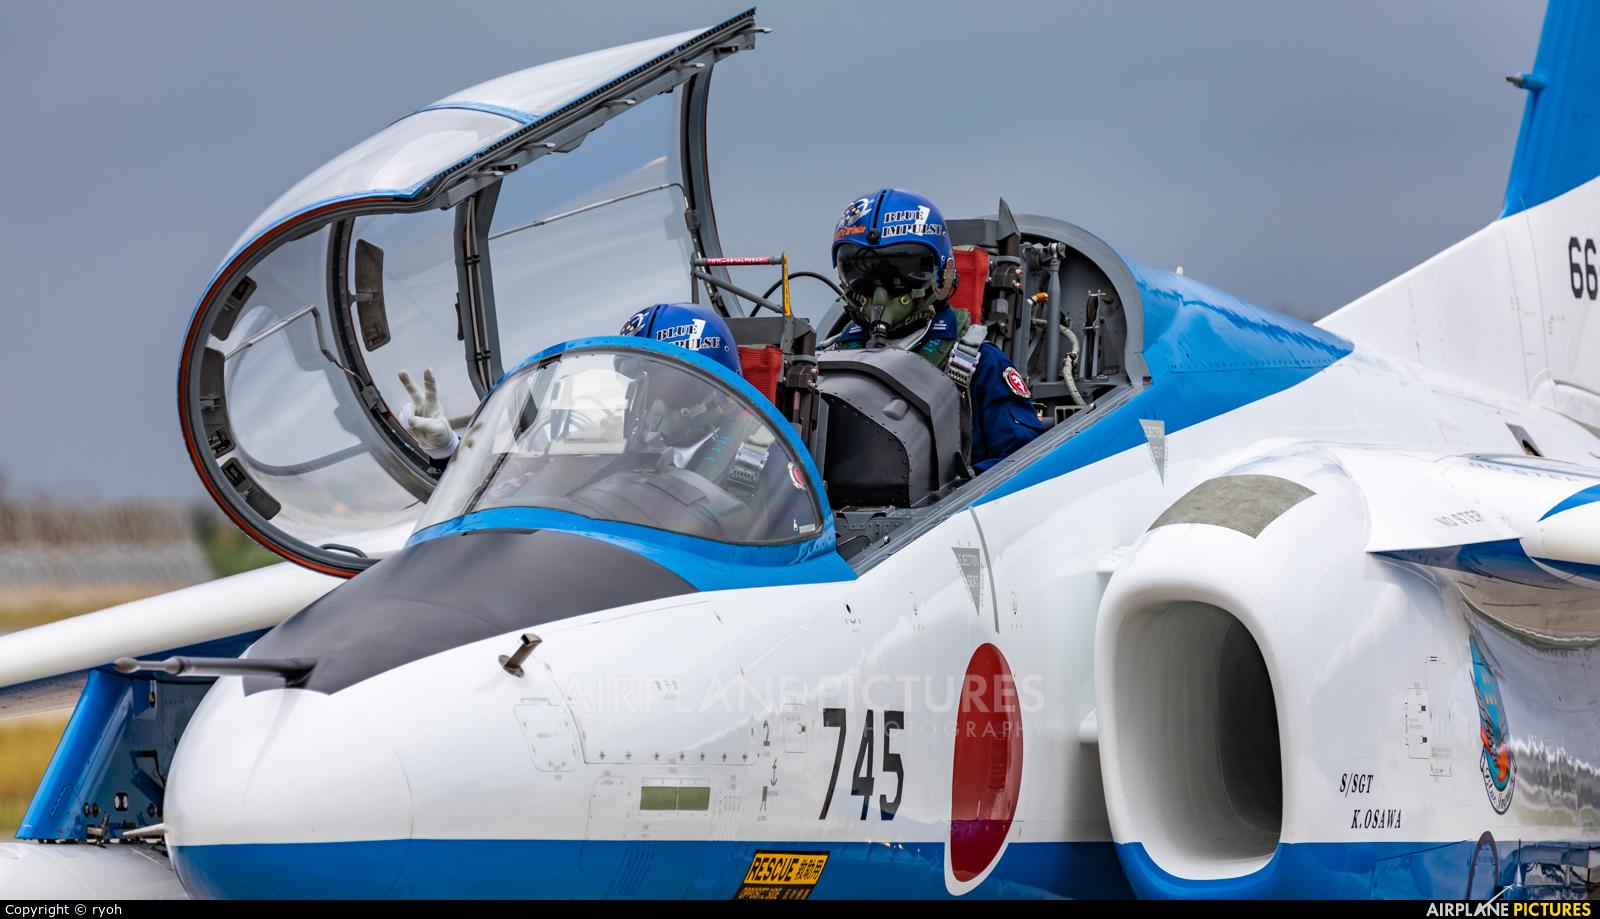 Japan - ASDF: Blue Impulse 66-5745 aircraft at Naha